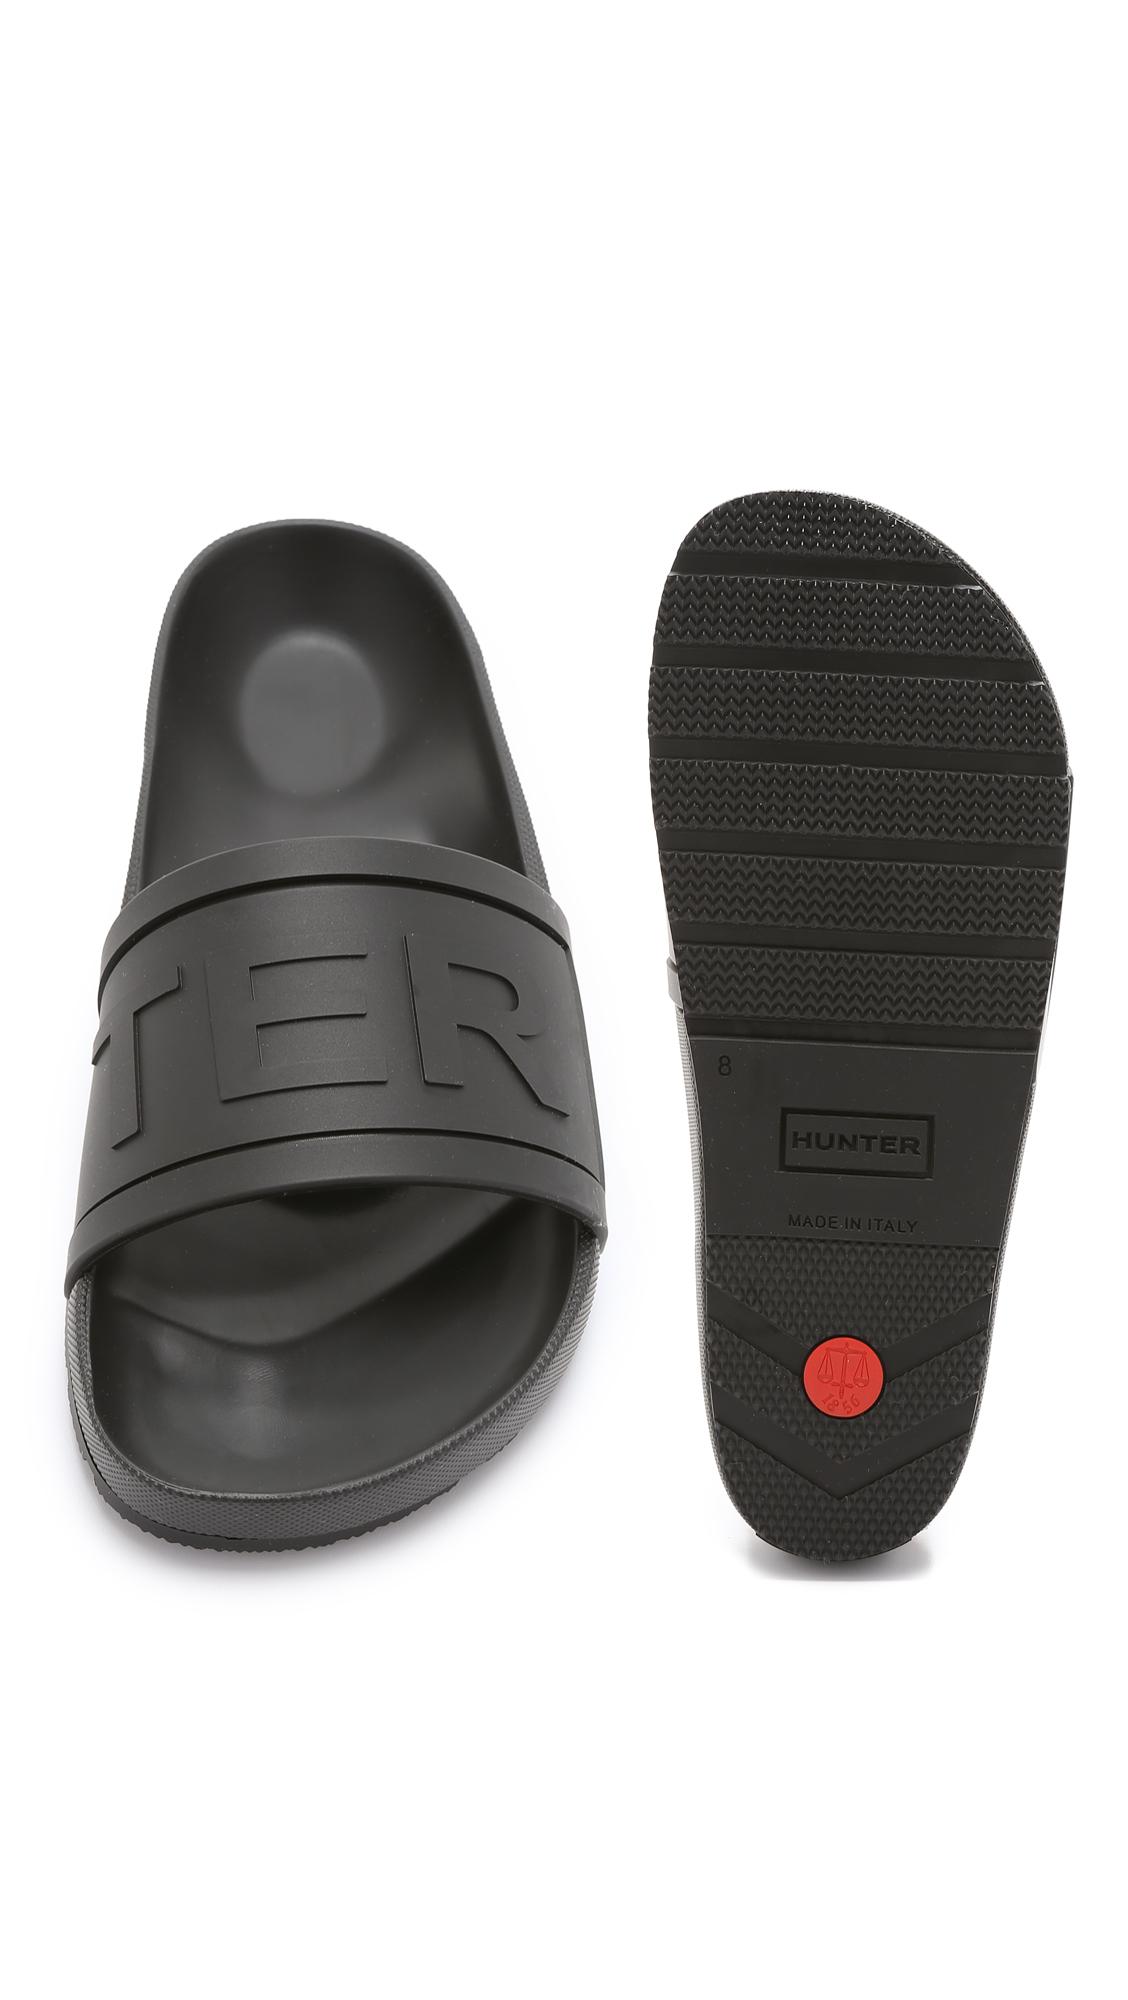 903ddbe01af72 Lyst - HUNTER Hunter Slides in Black for Men